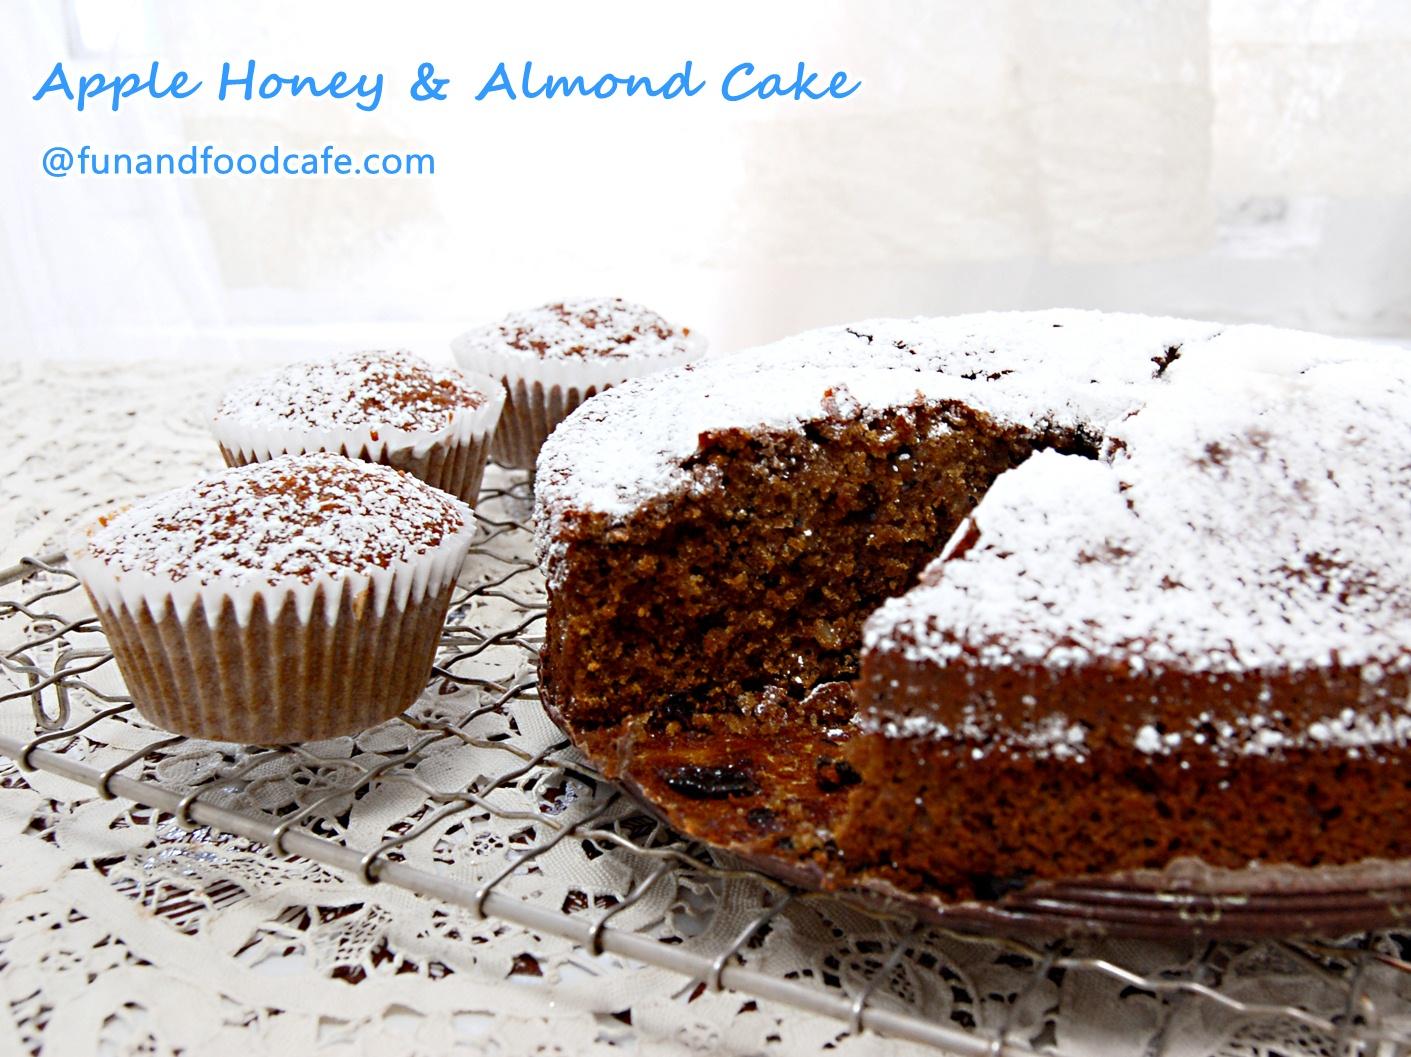 Apple-honey-cake-watermark